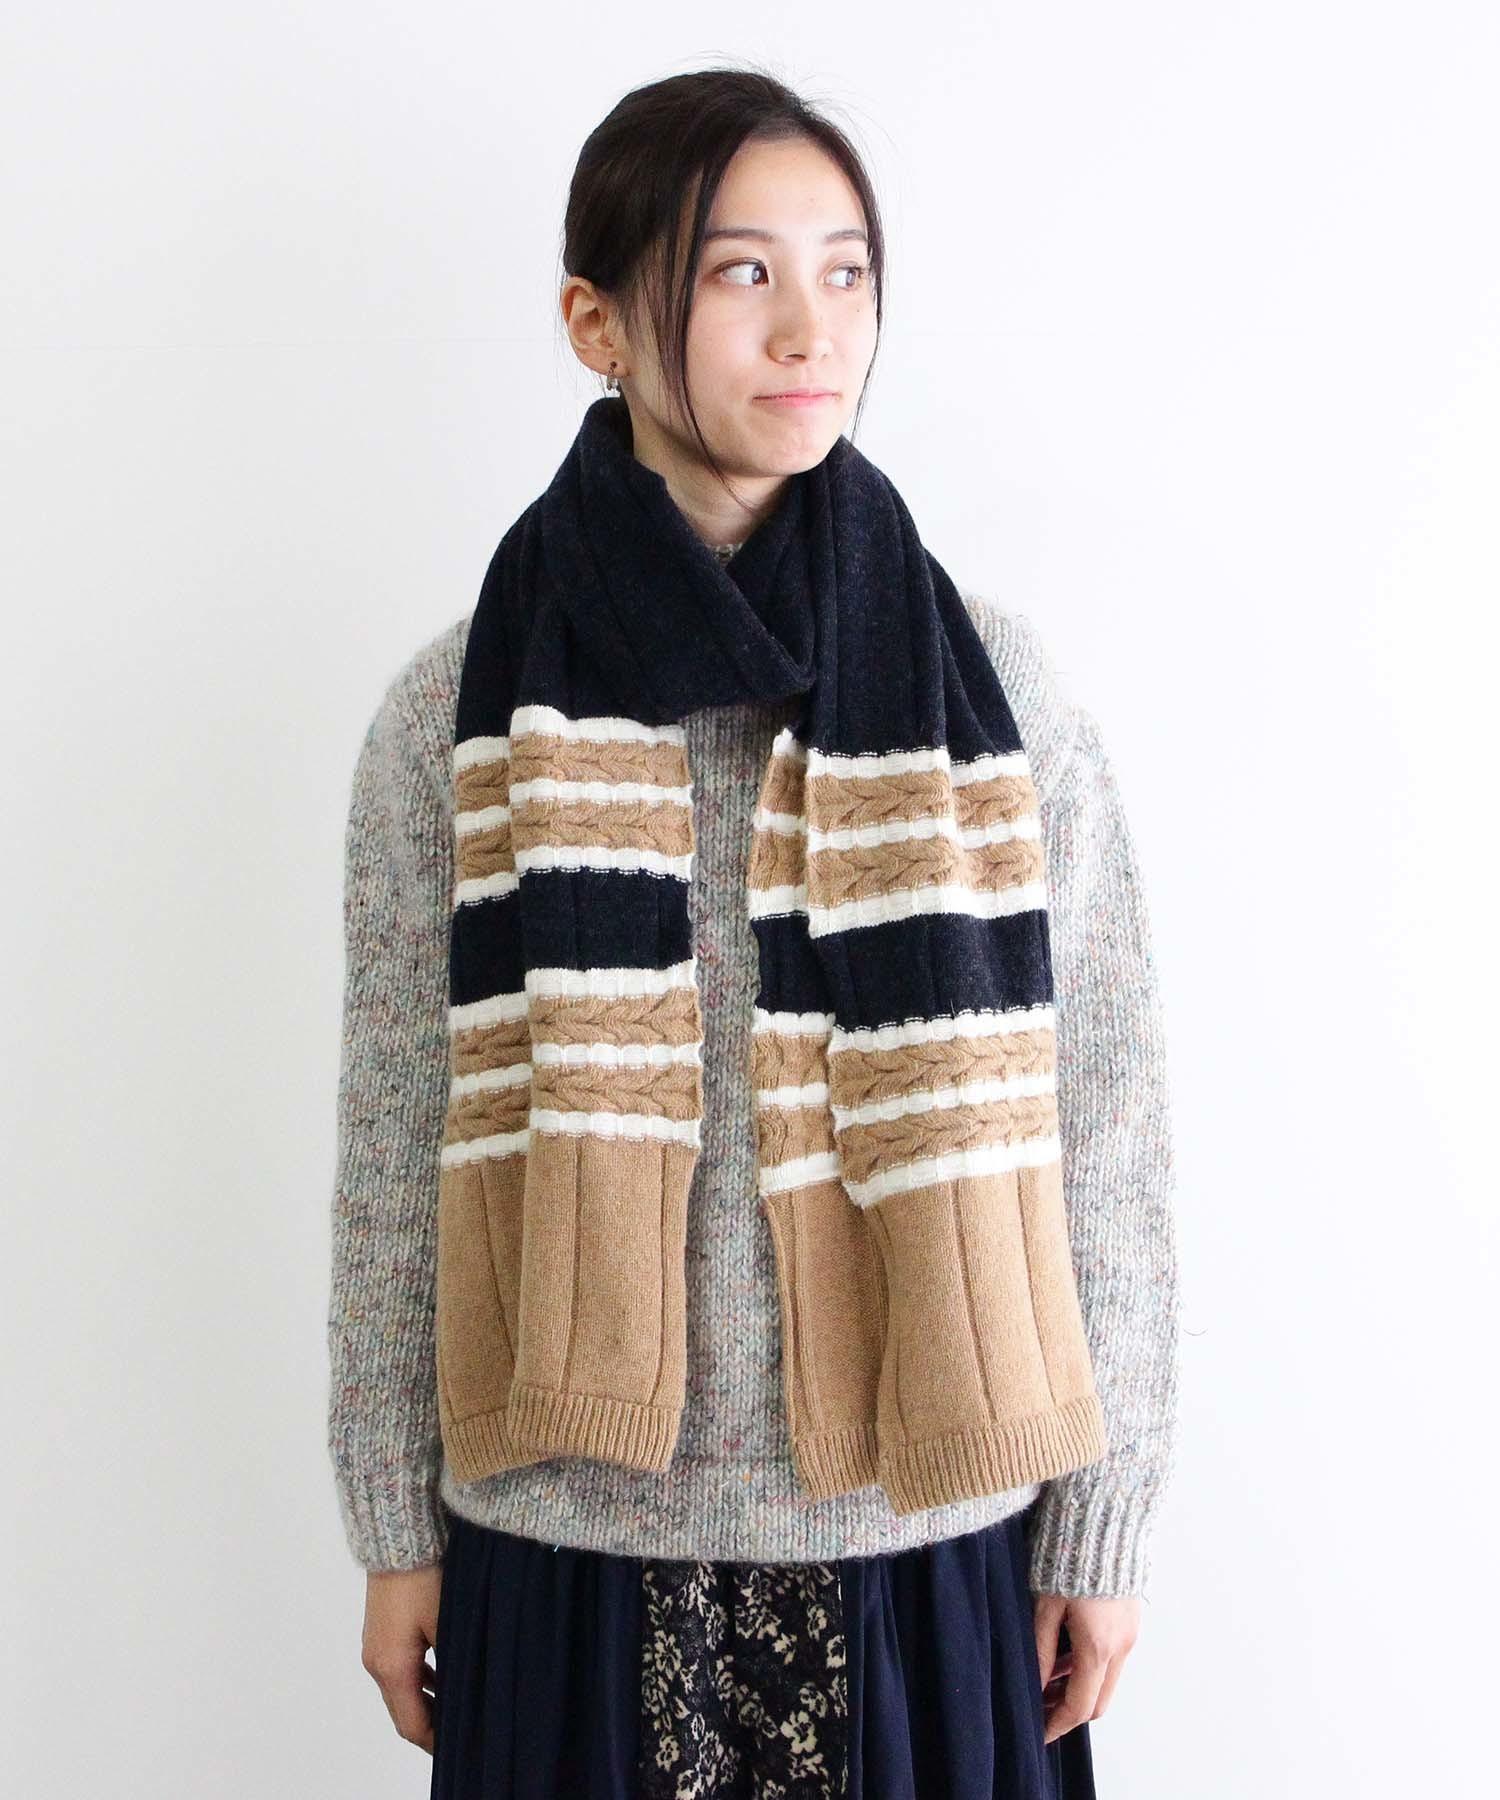 特殊なケーブル編みを編みこんだマフラー NVY